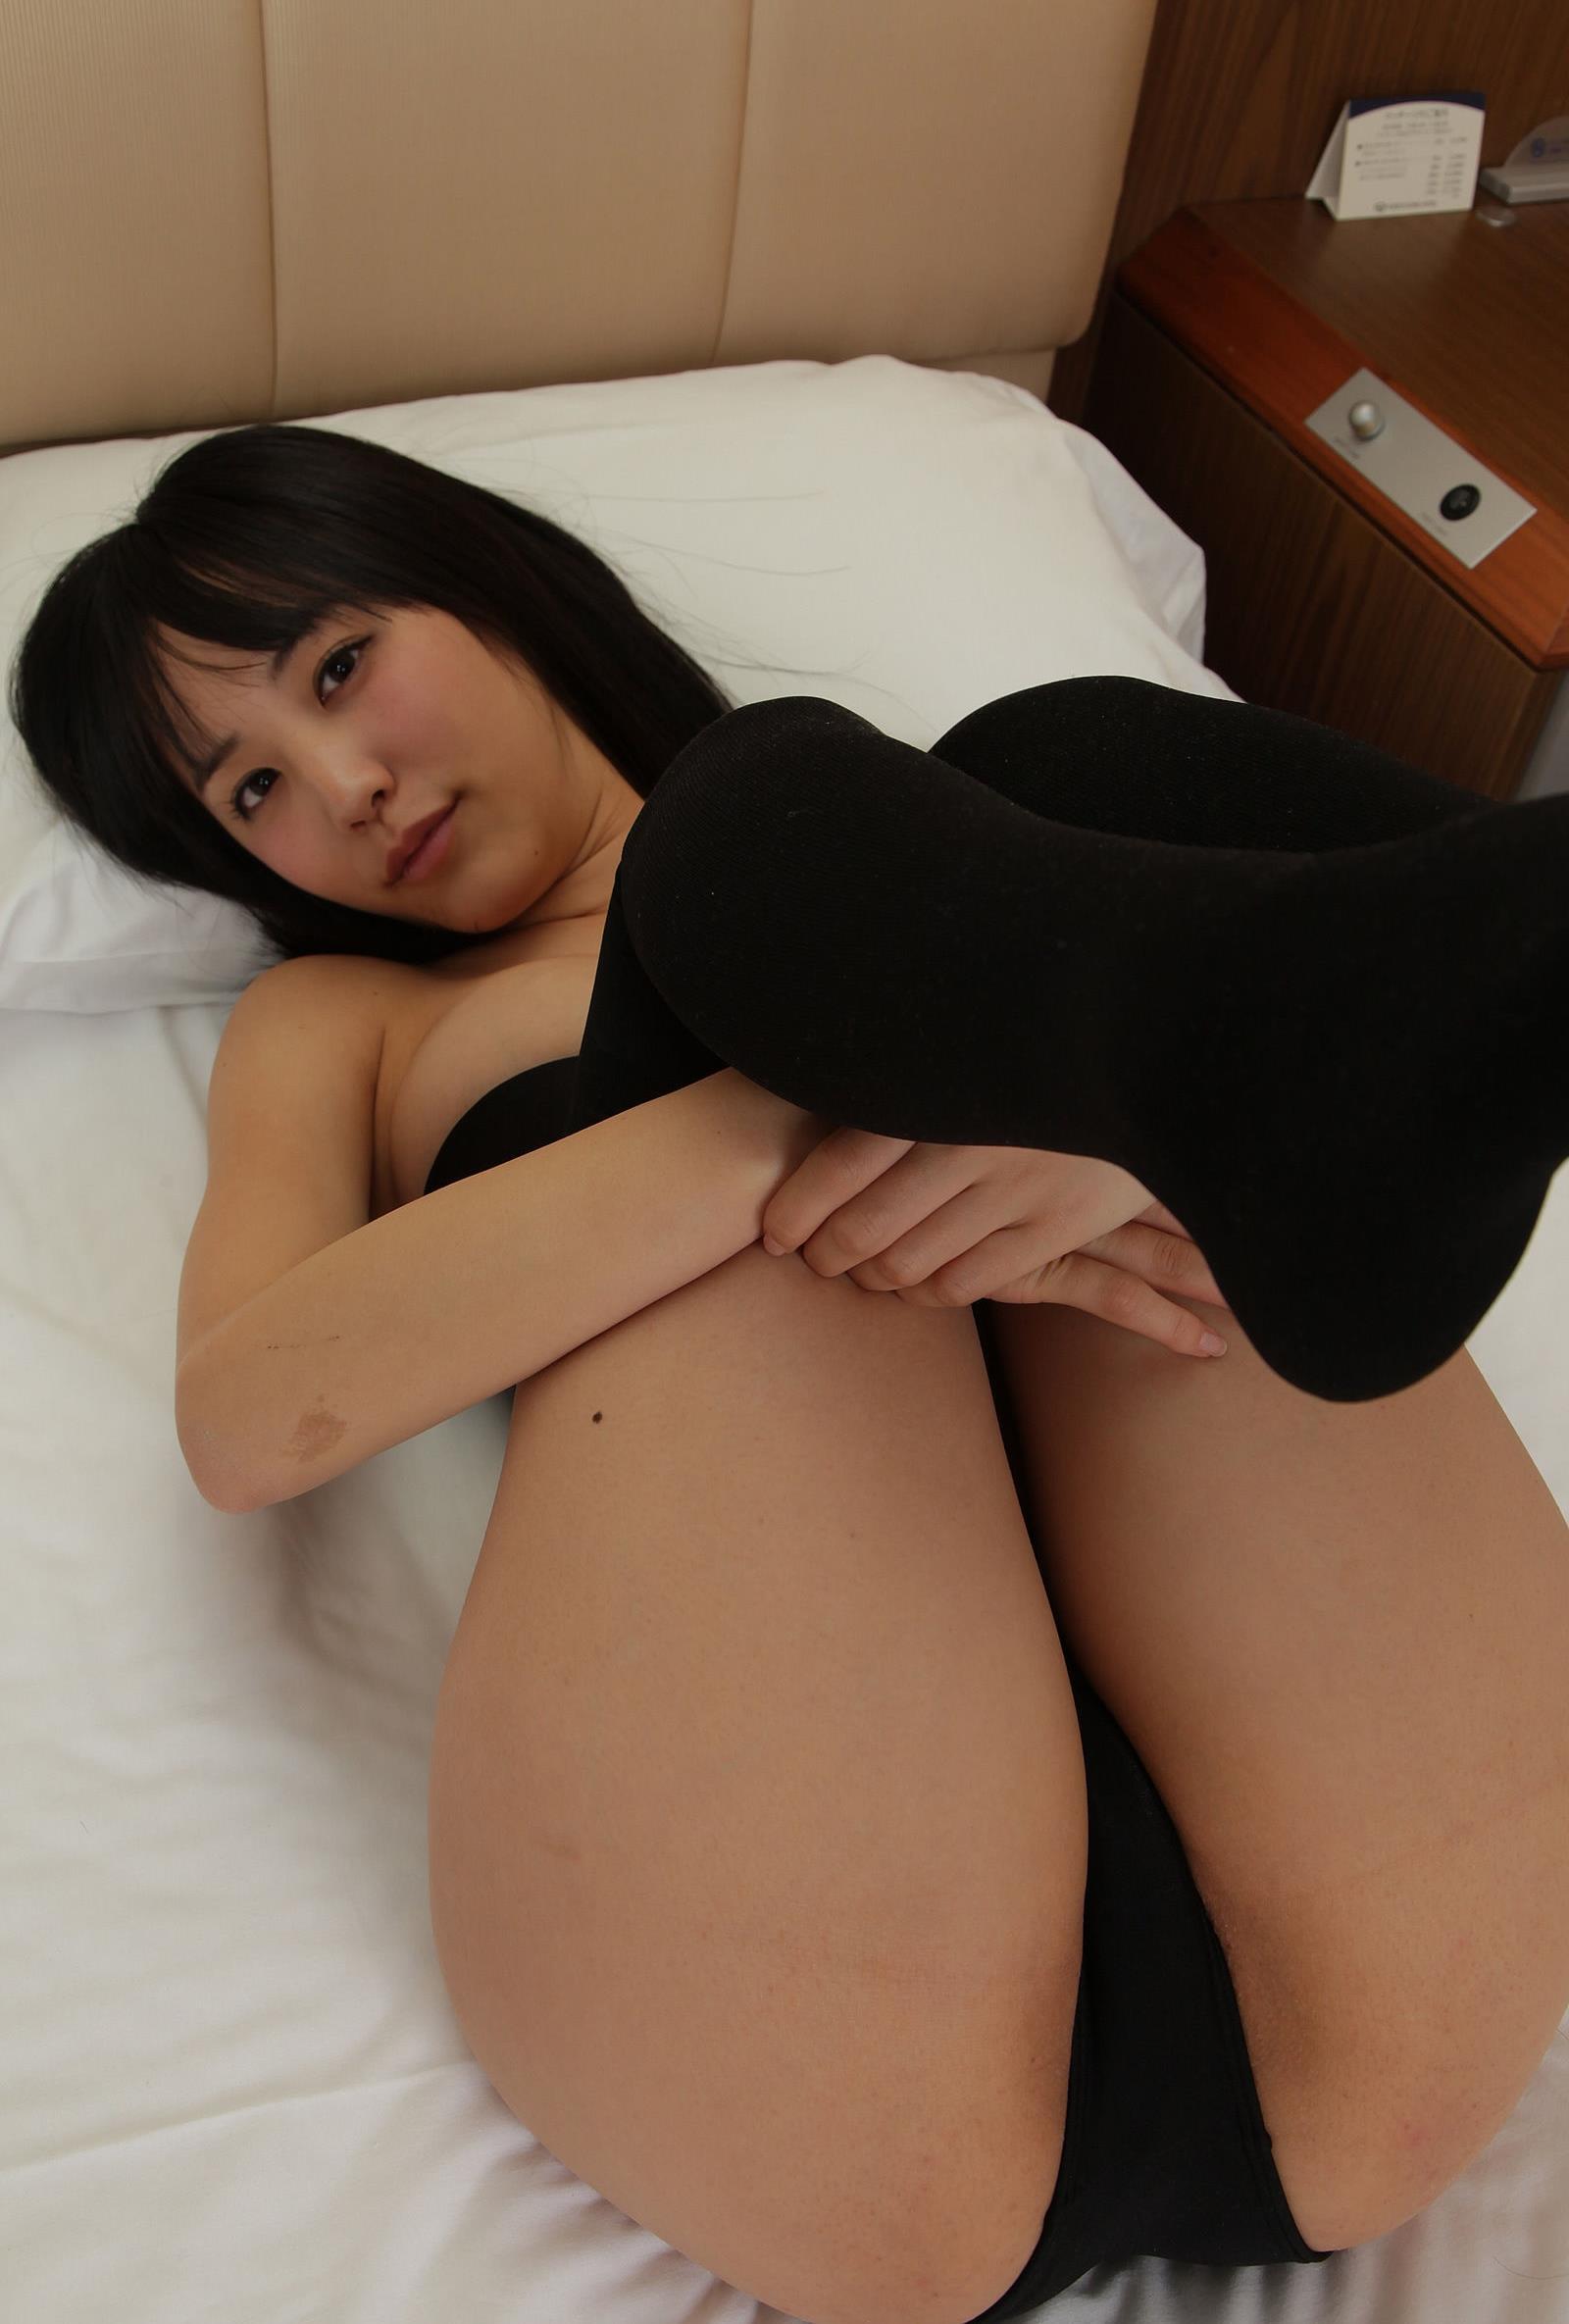 浜田由梨 エロ画像 115